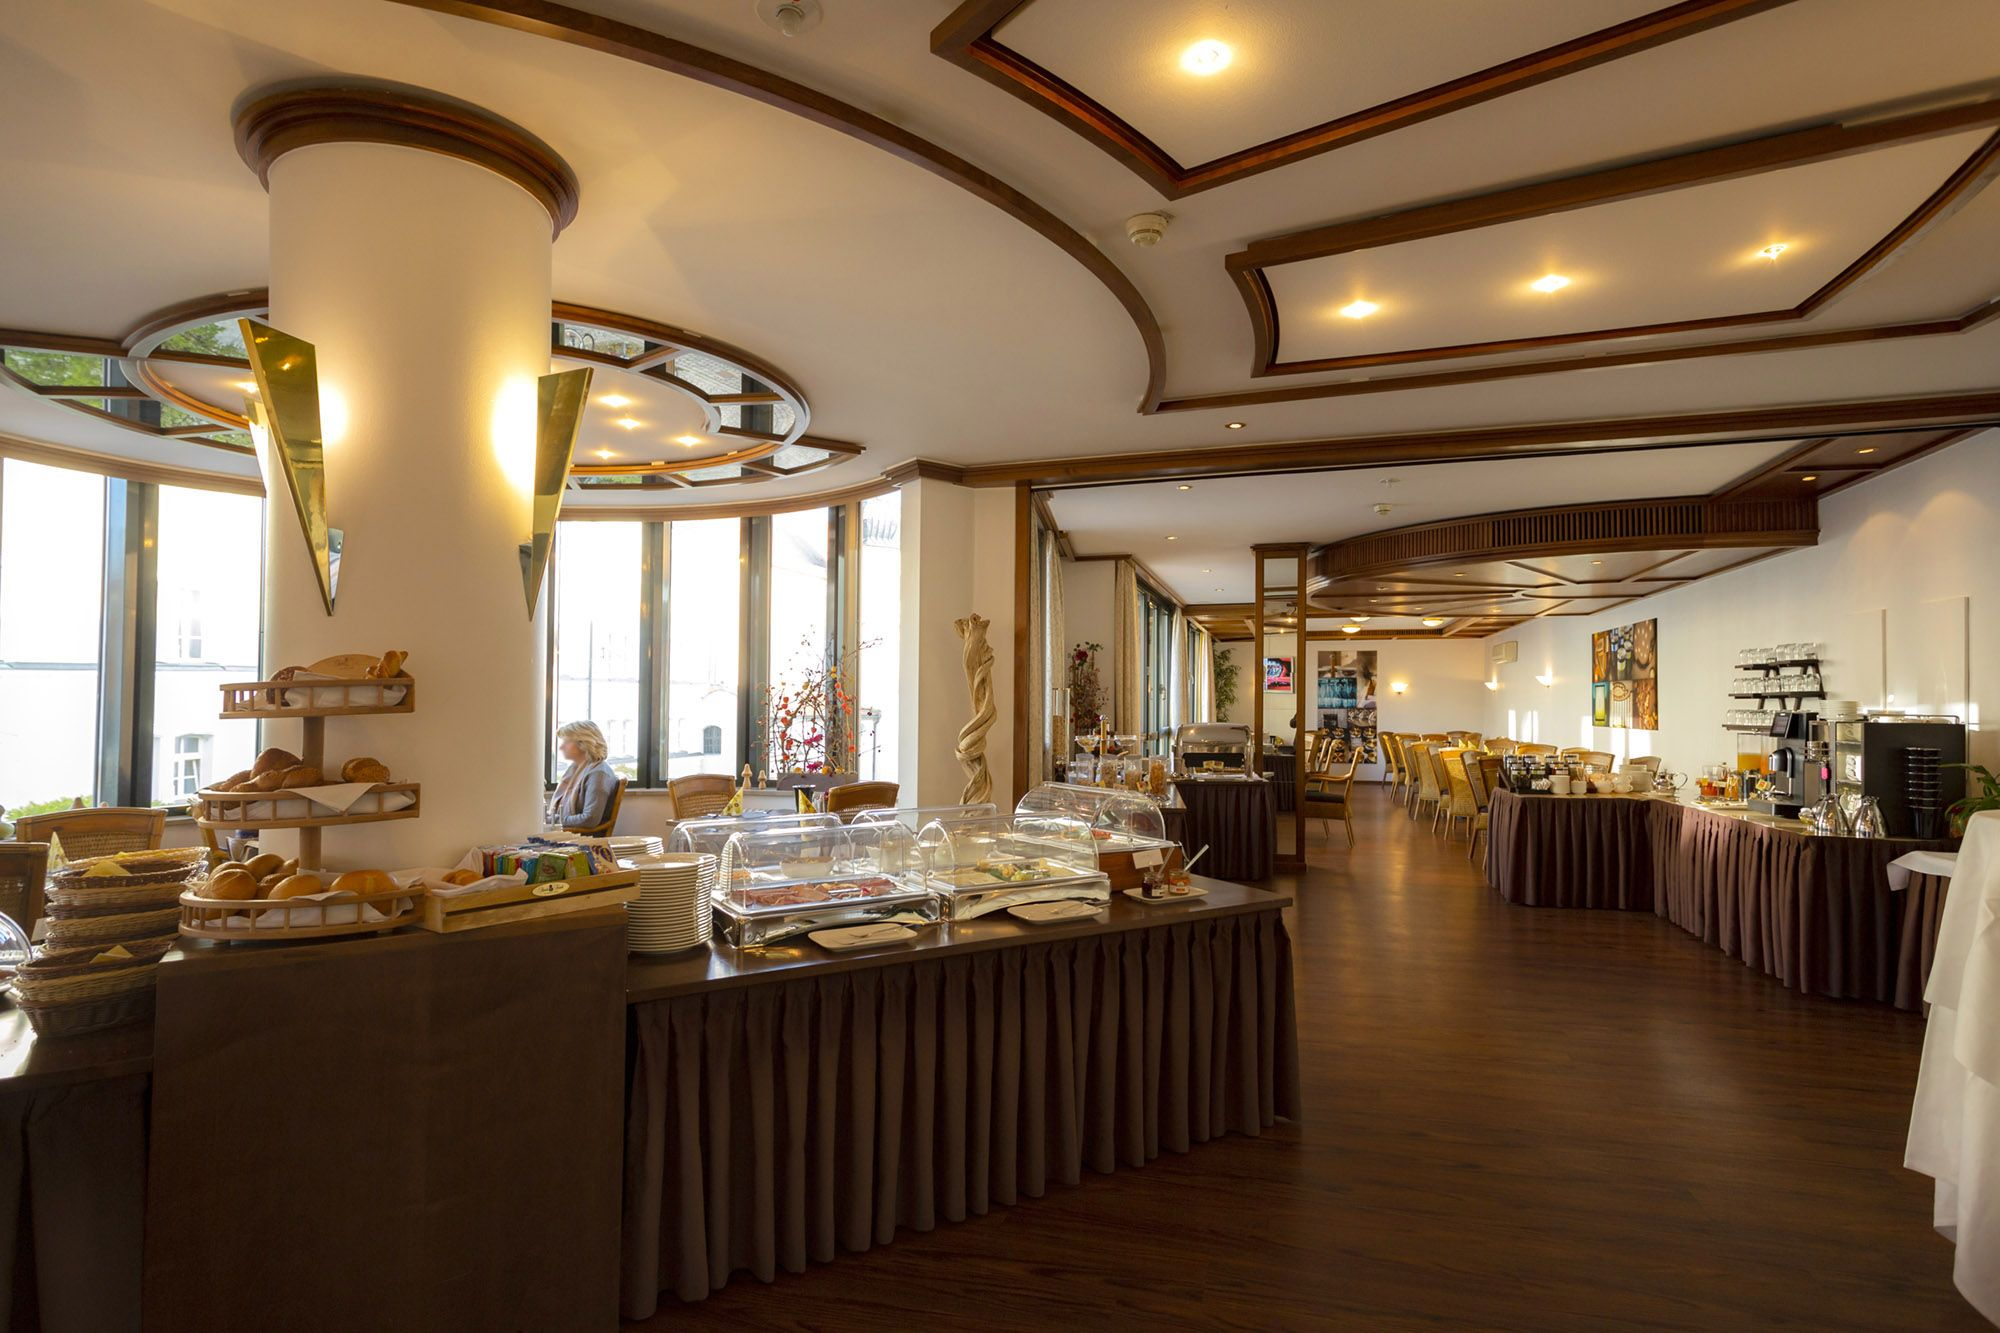 Speisesaal im Hotel Theresientor